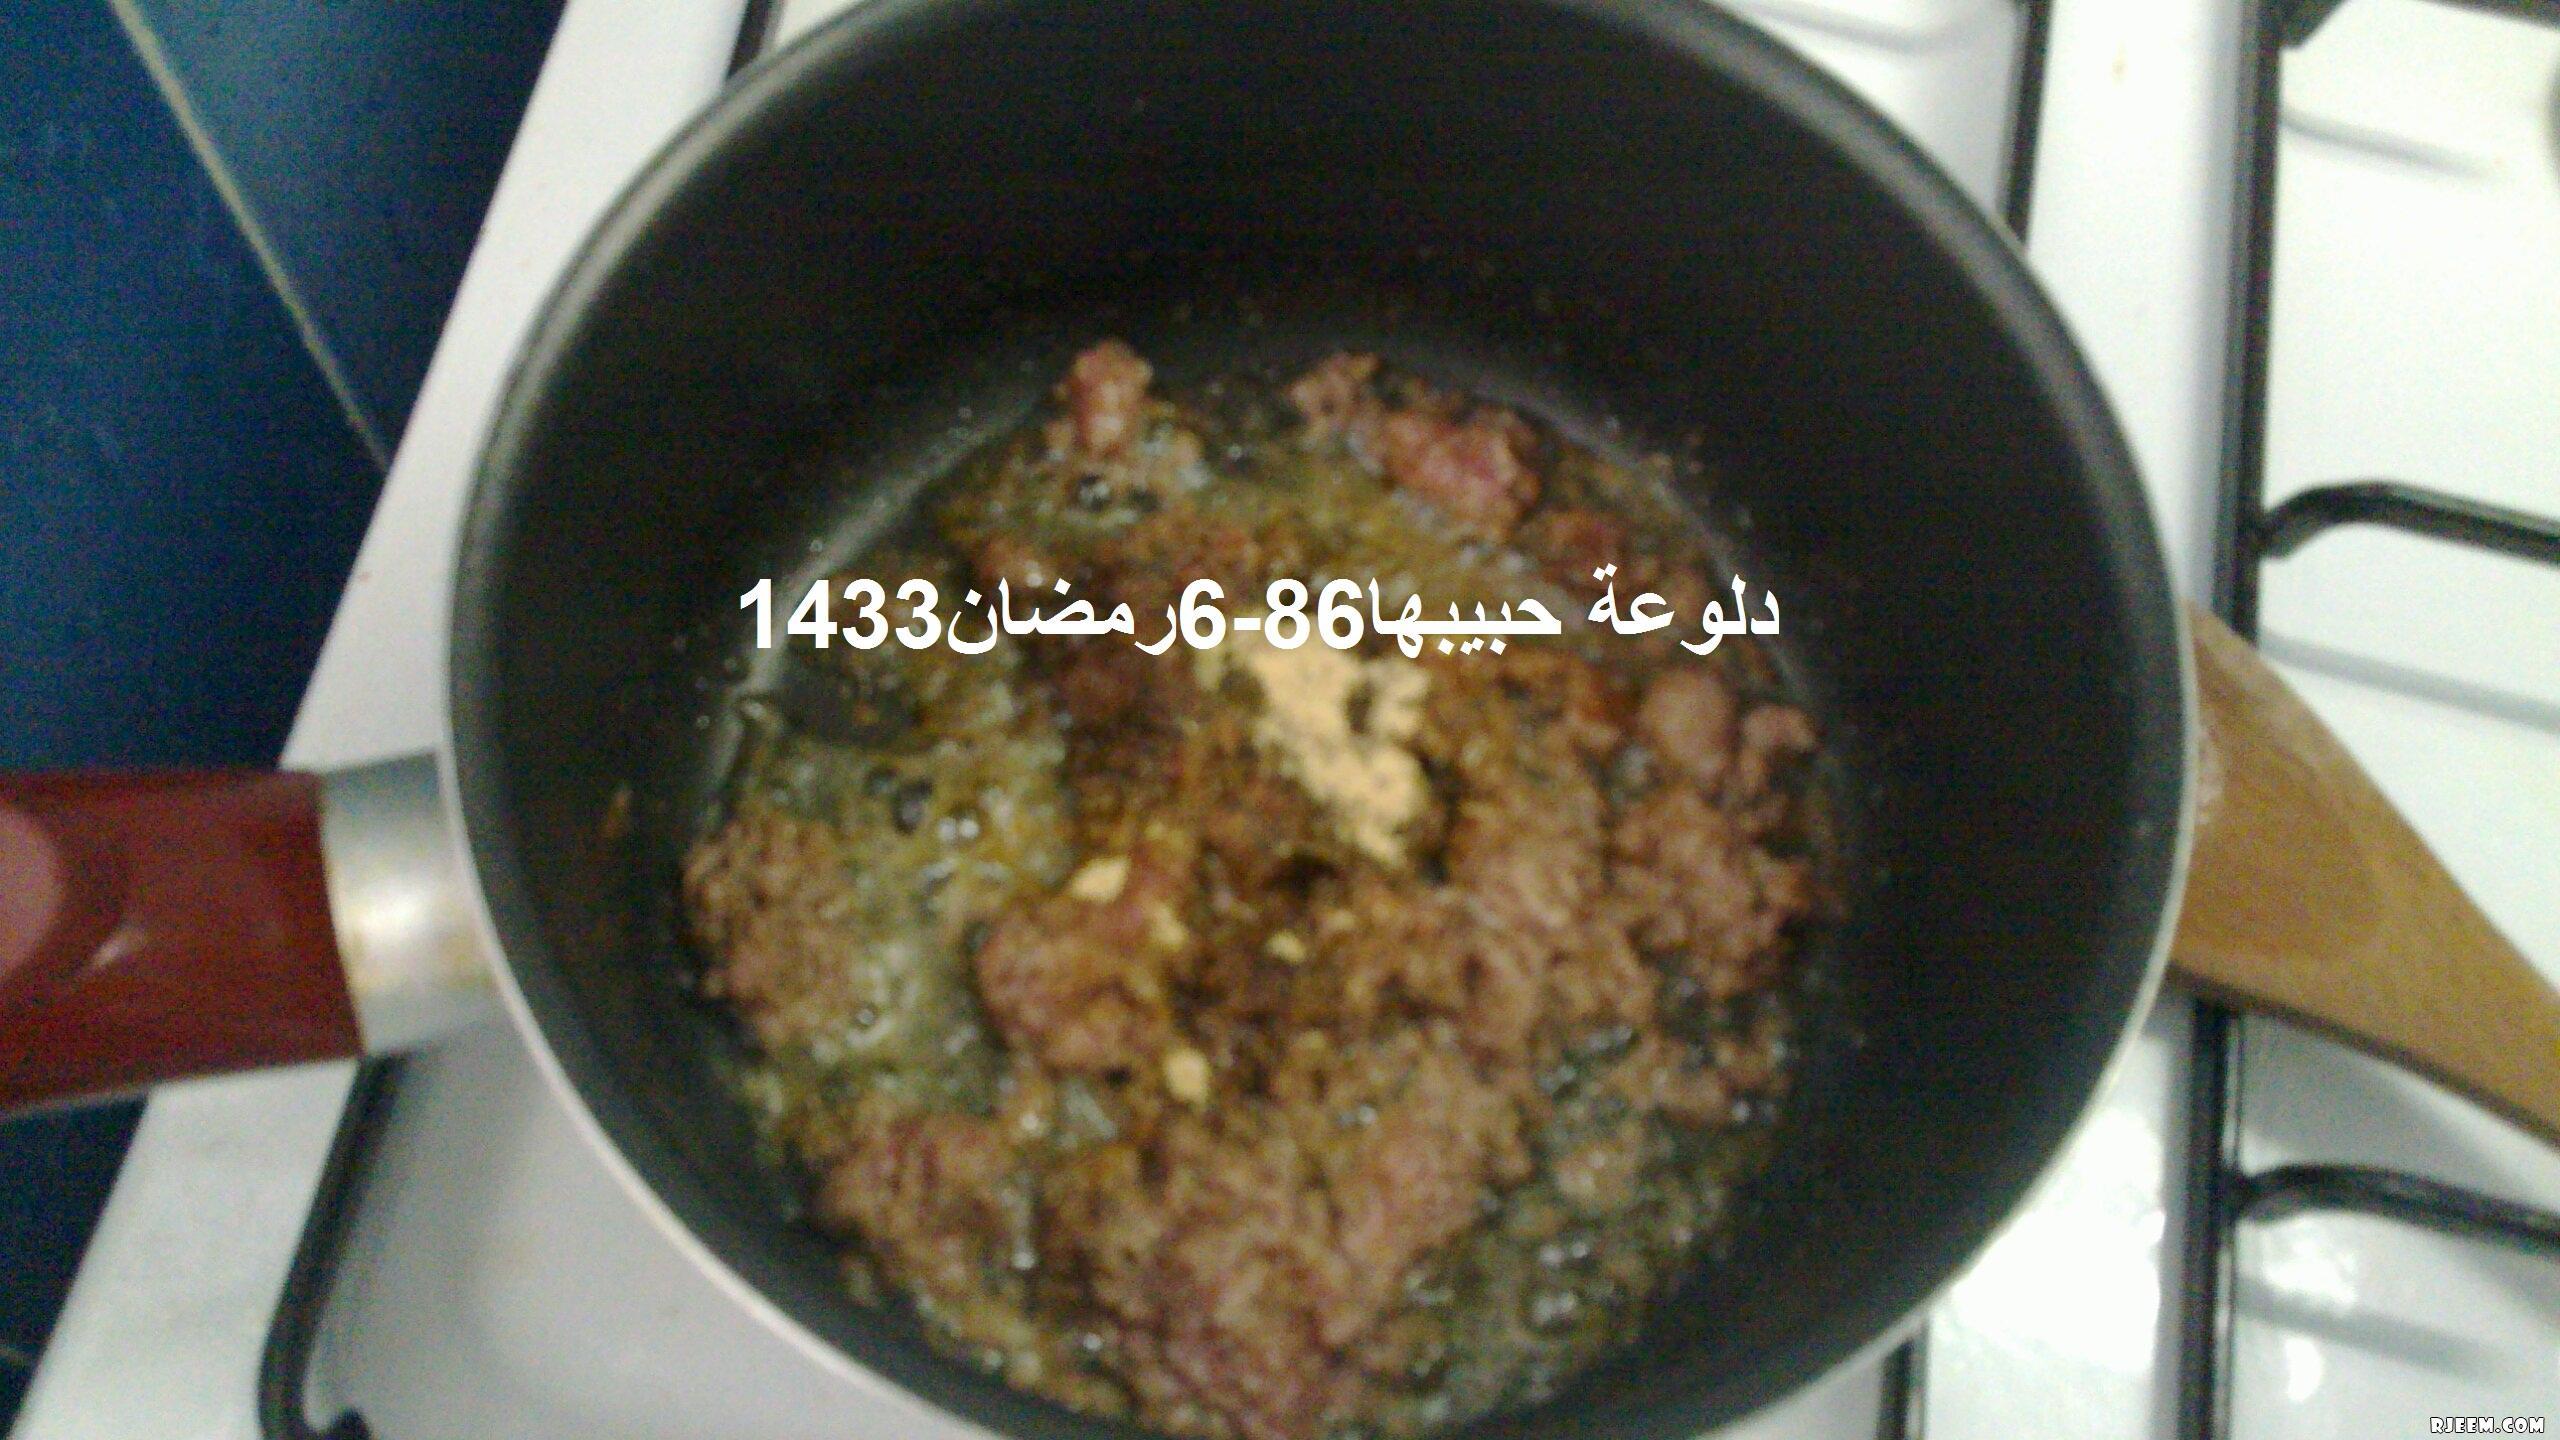 13433493054.jpg